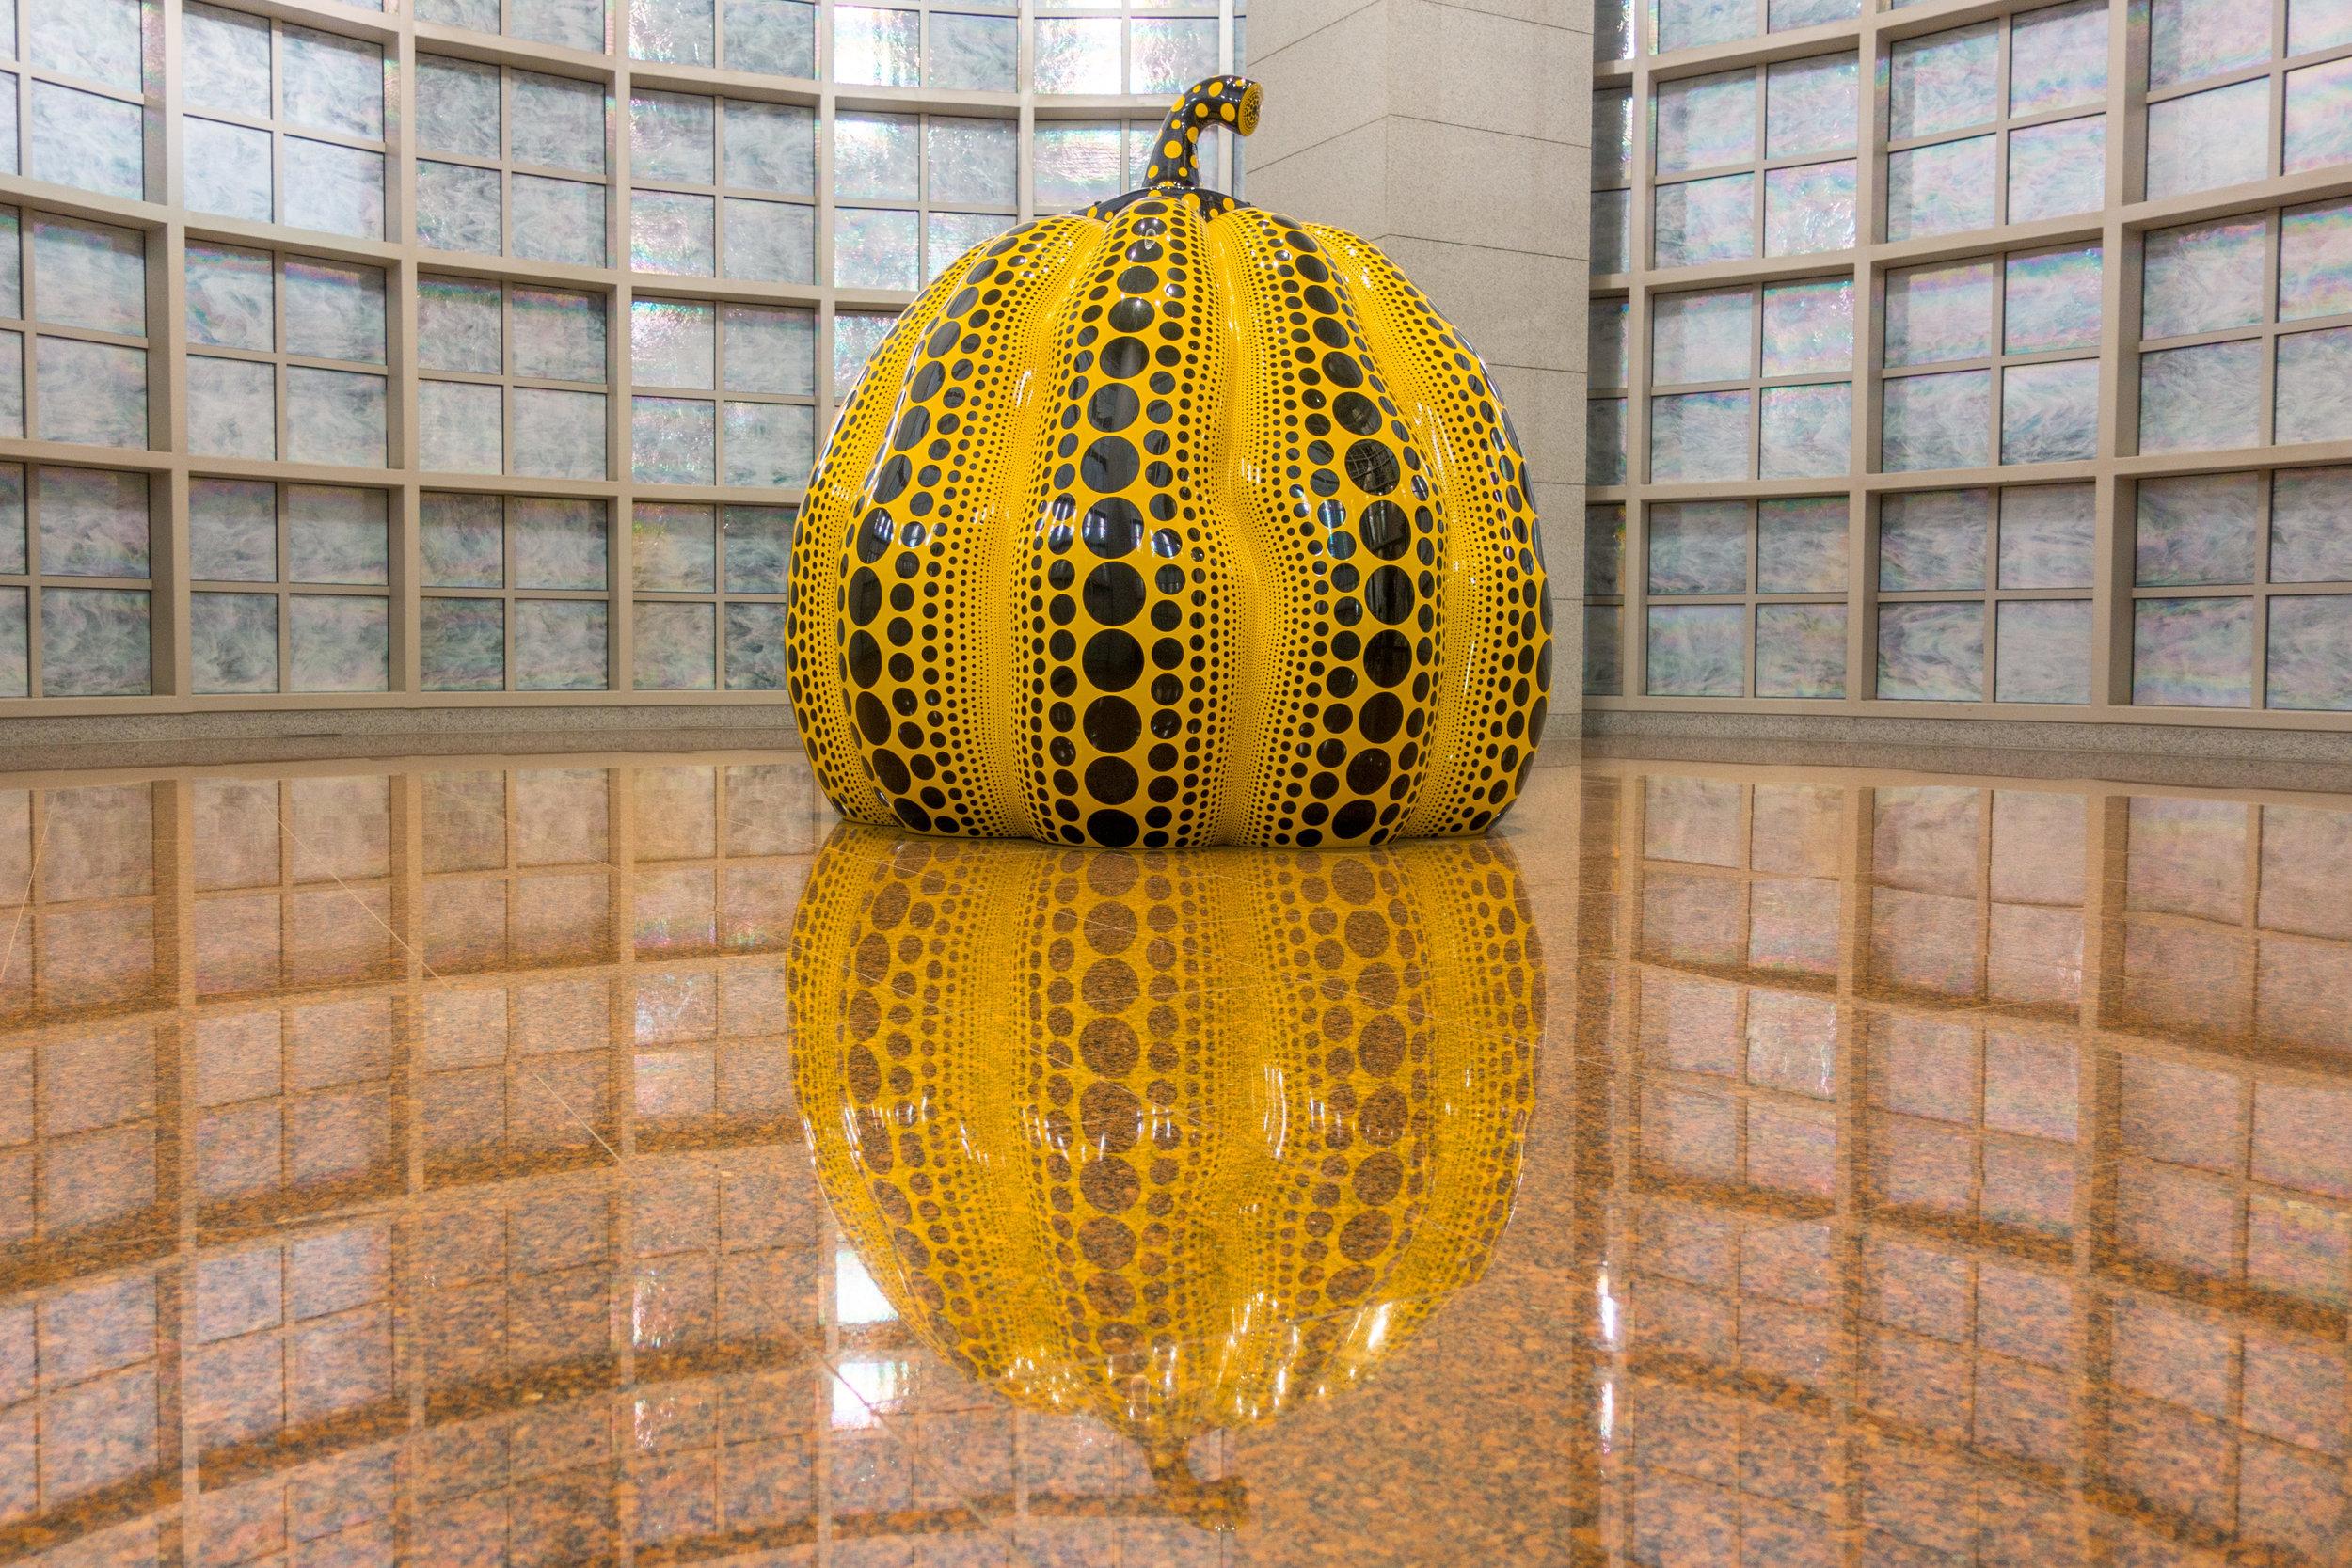 Reflections of a Pumpkin.jpg